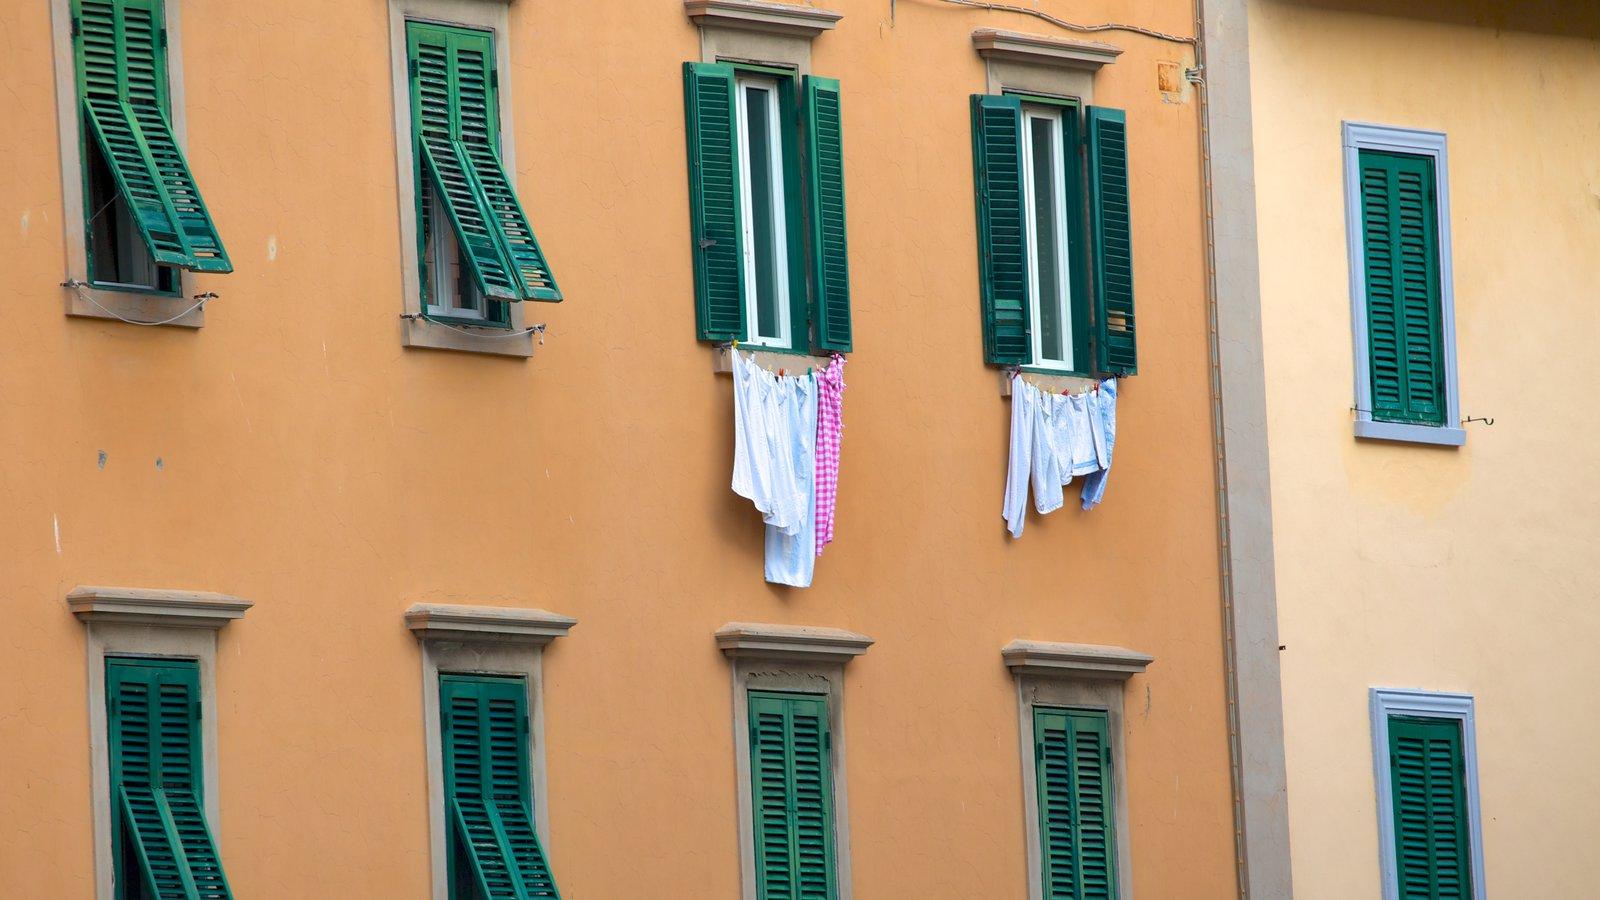 Piazza della Repubblica showing a house and heritage architecture